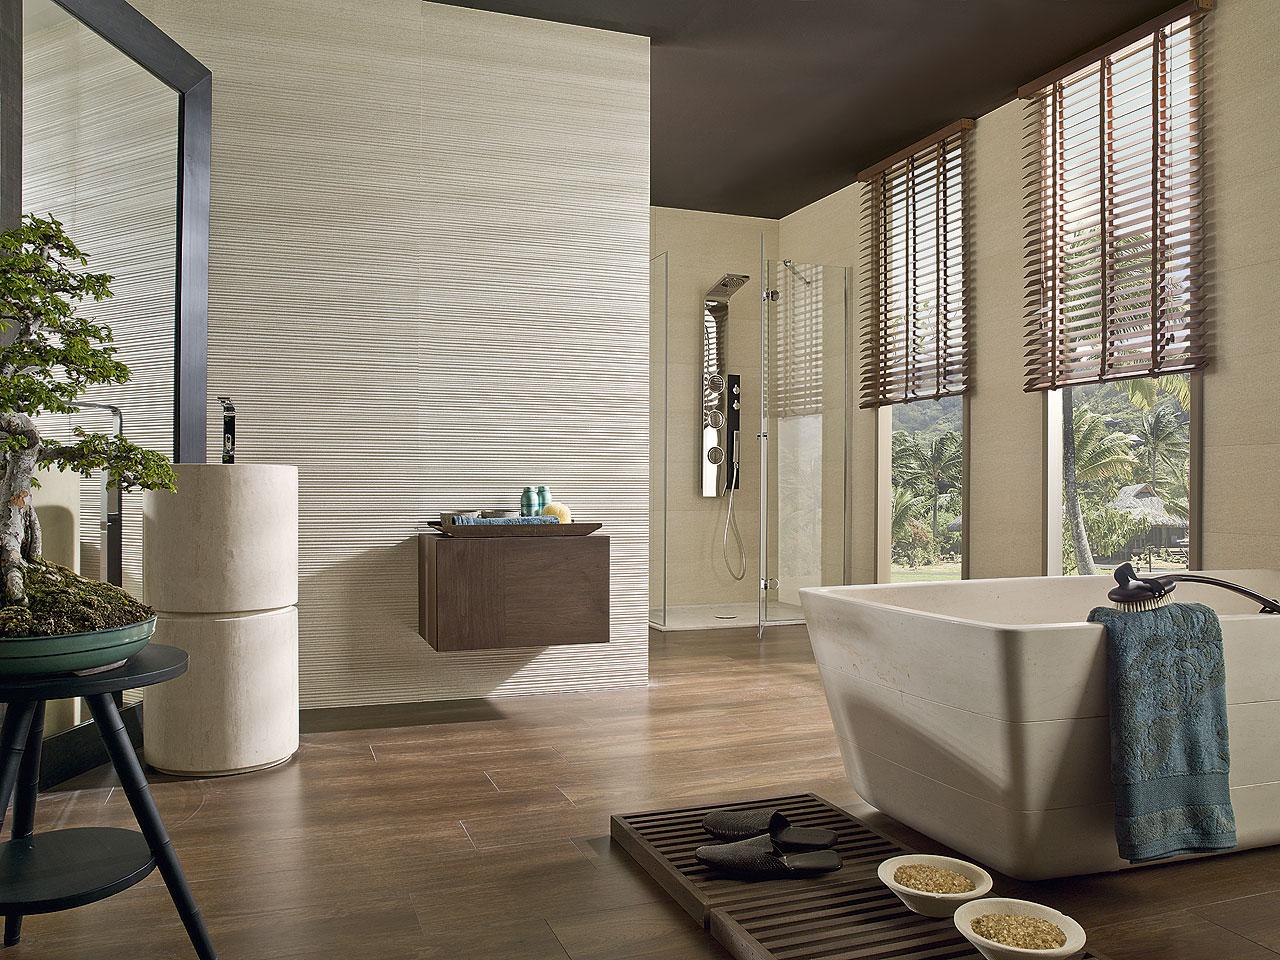 Baño style contemporaneo color marron, beige, marron